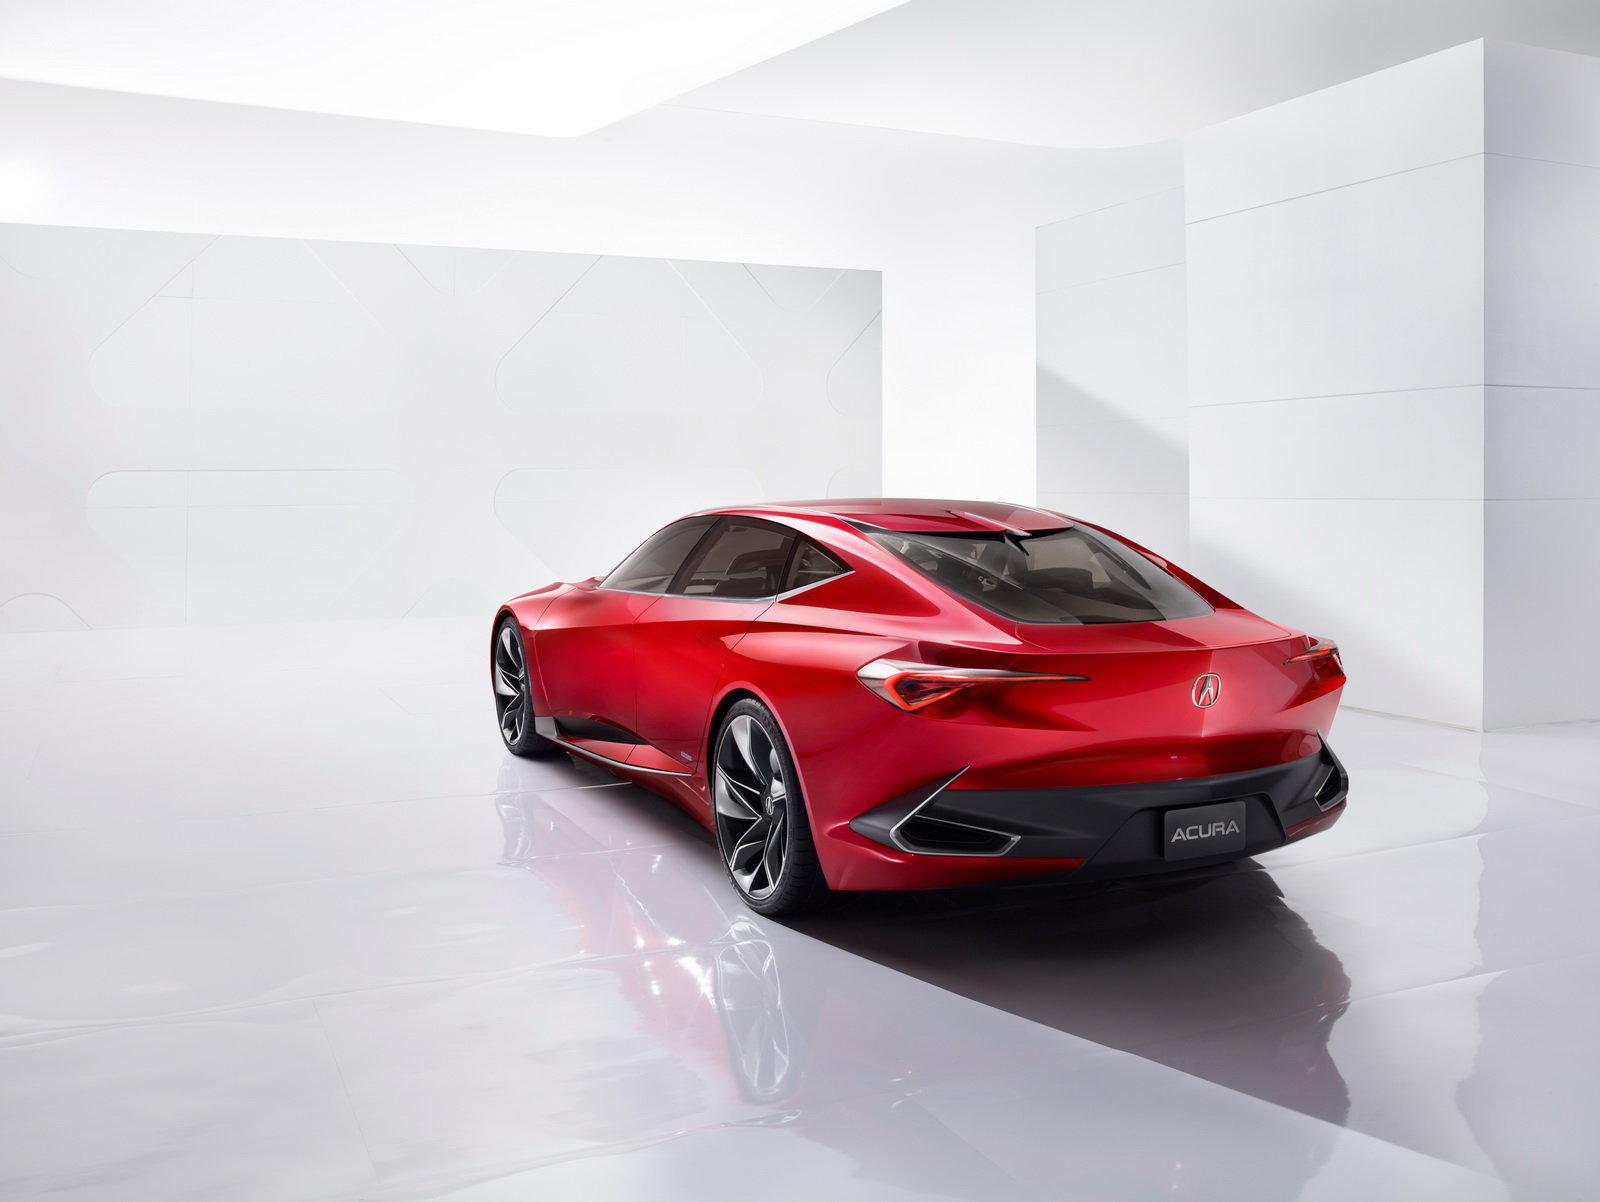 Acura Precision Concept 2016 – Rear 3-4